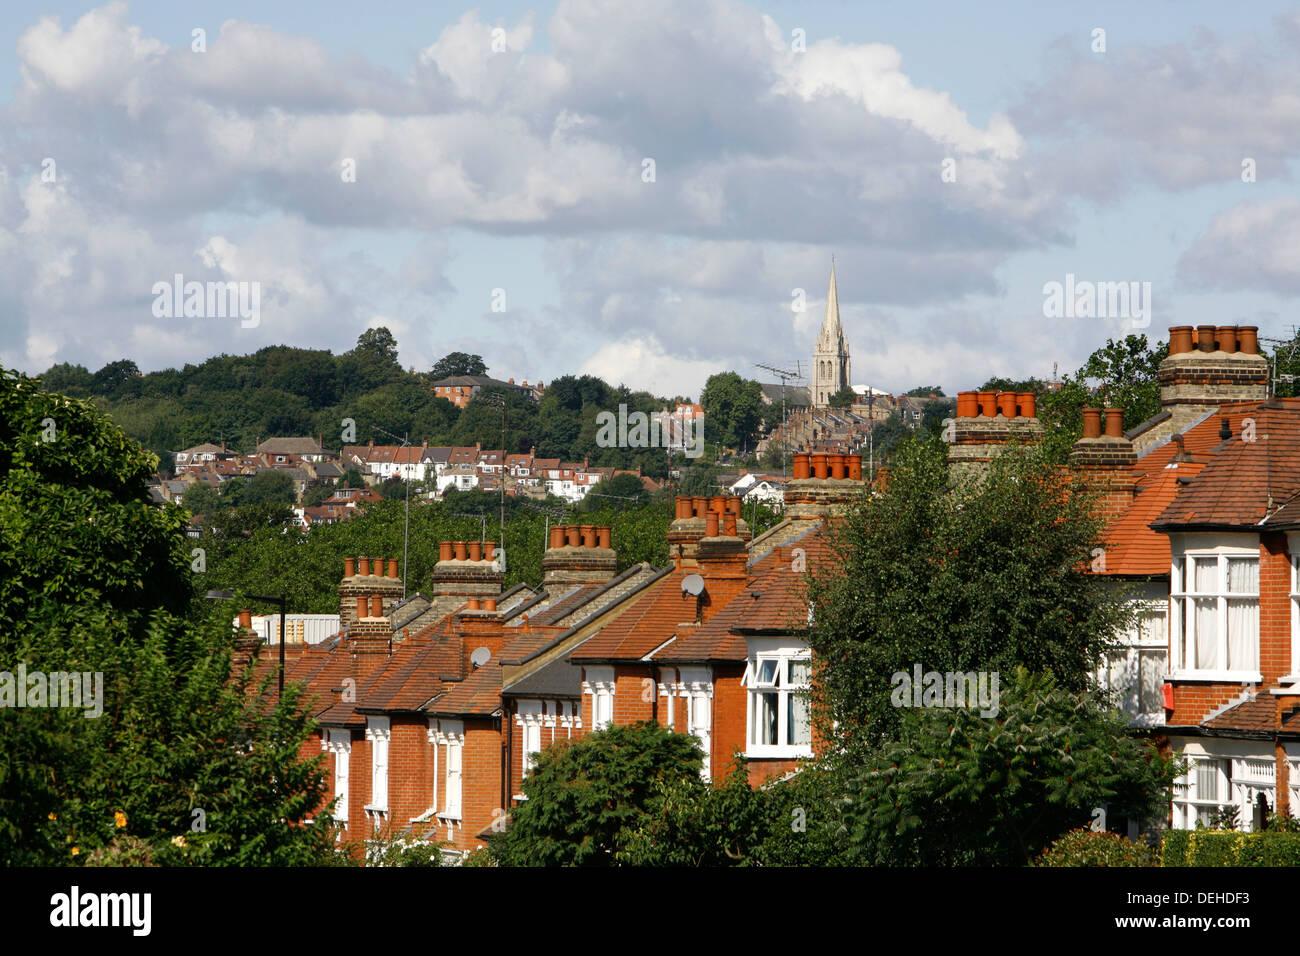 Vistas de los tejados de Crouch fin a St James's church, Muswell Hill, en la distancia, Londres, Reino Unido. Imagen De Stock